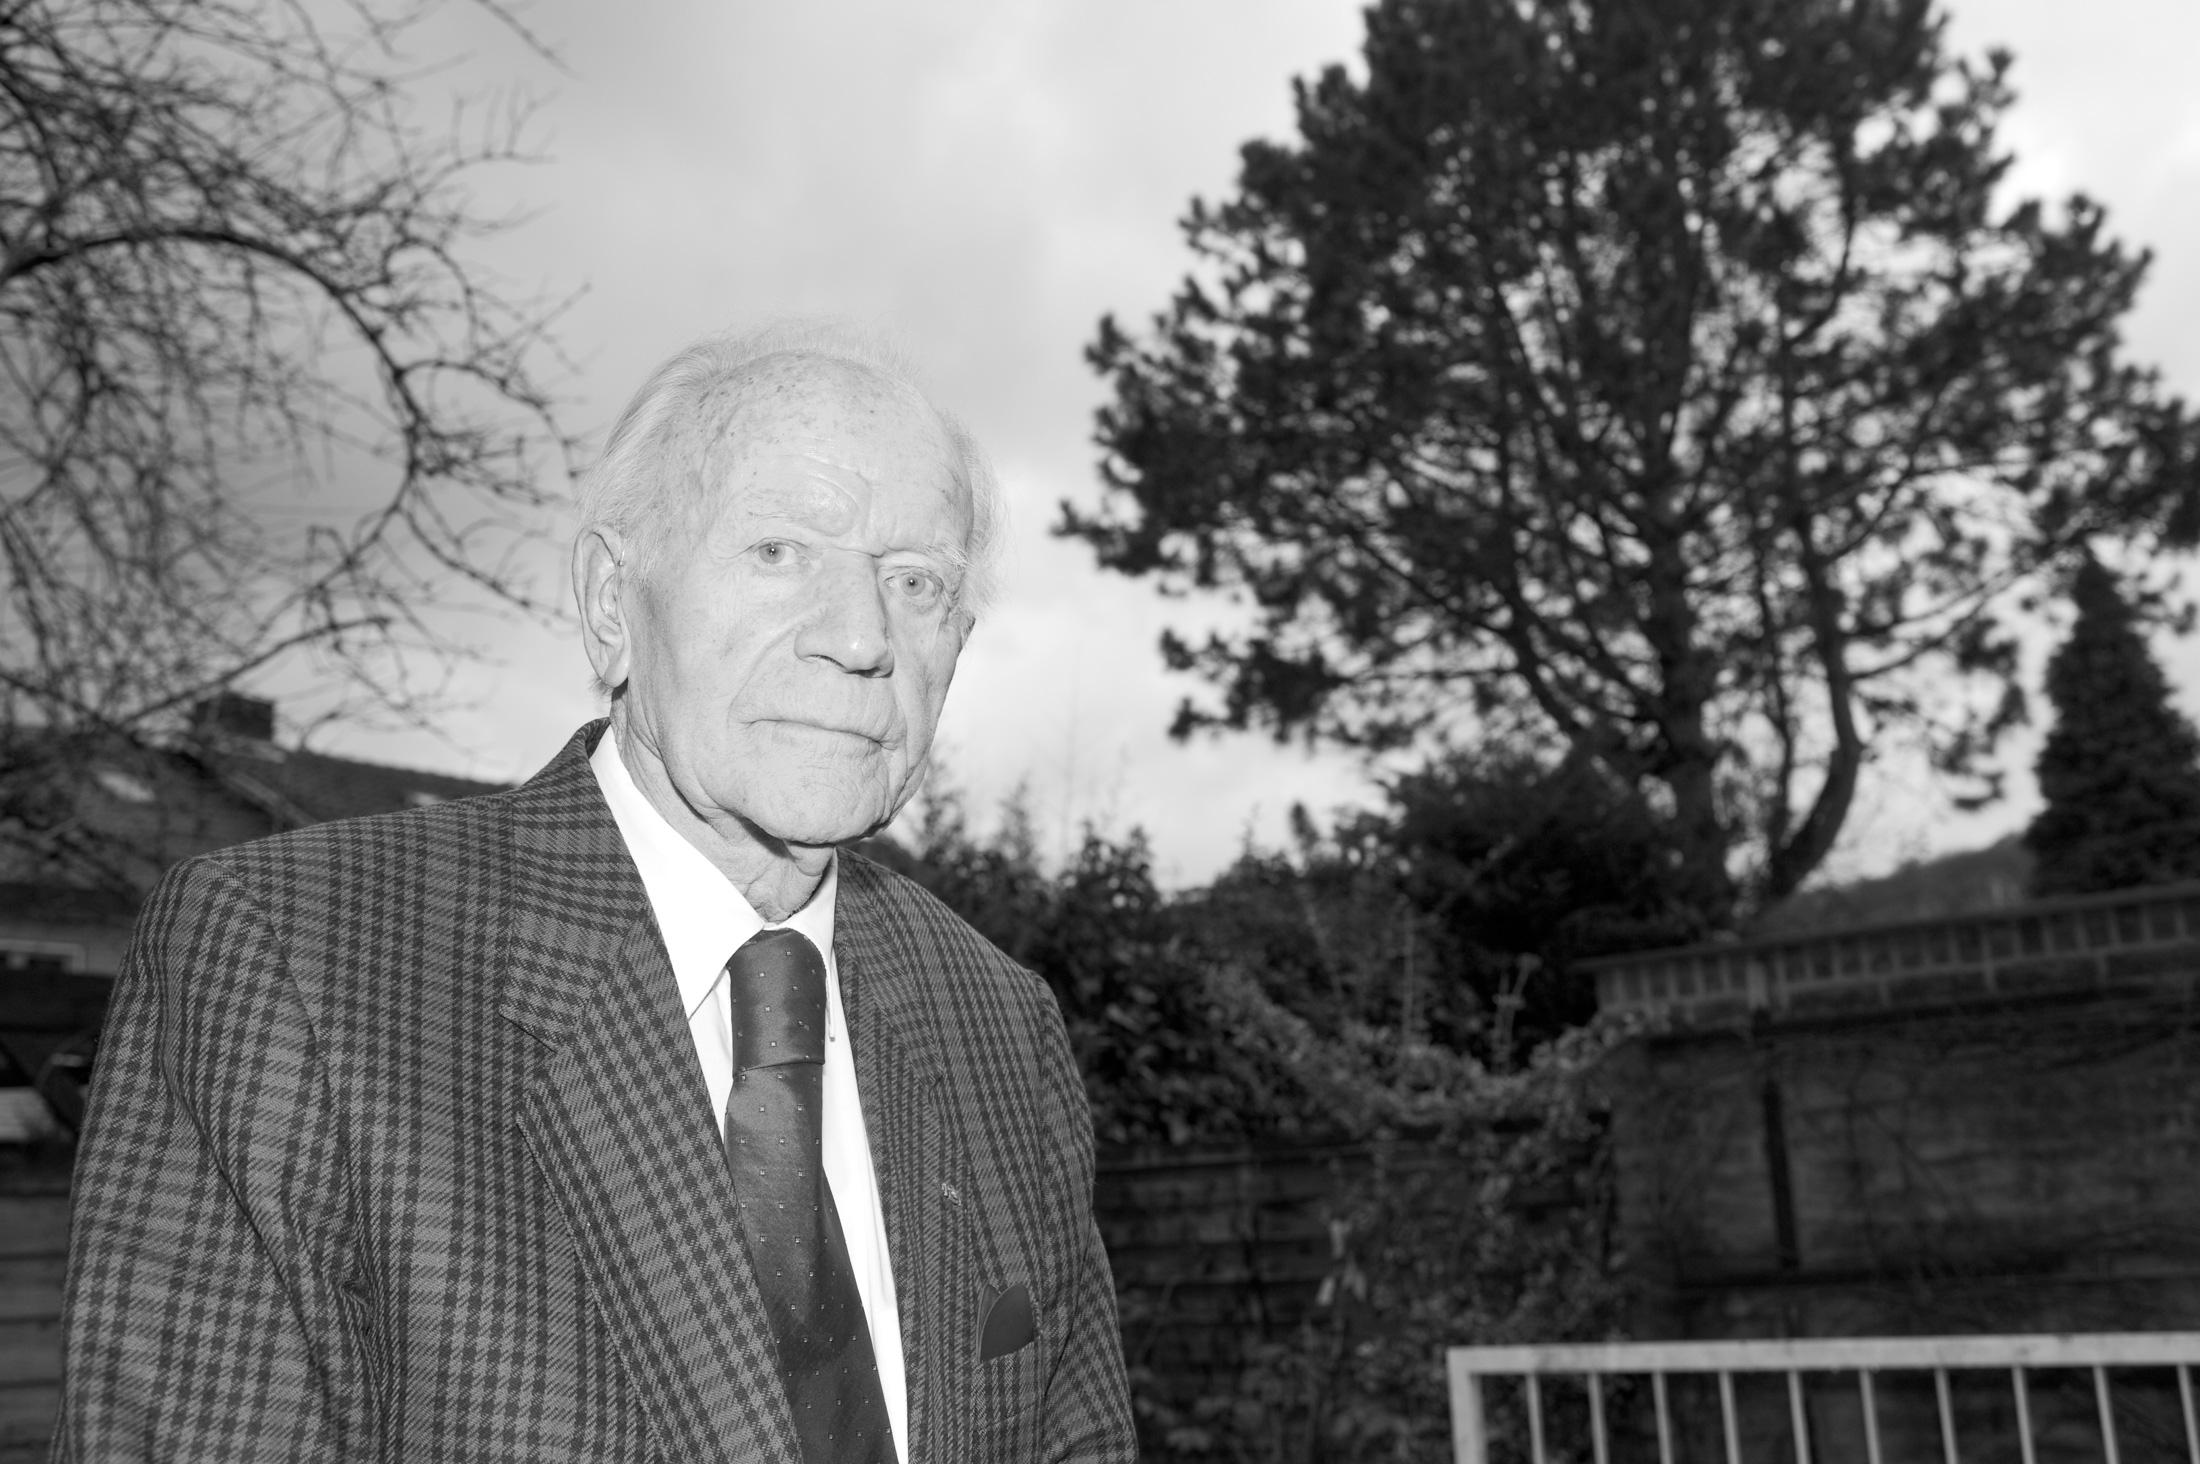 Gerhard Münch